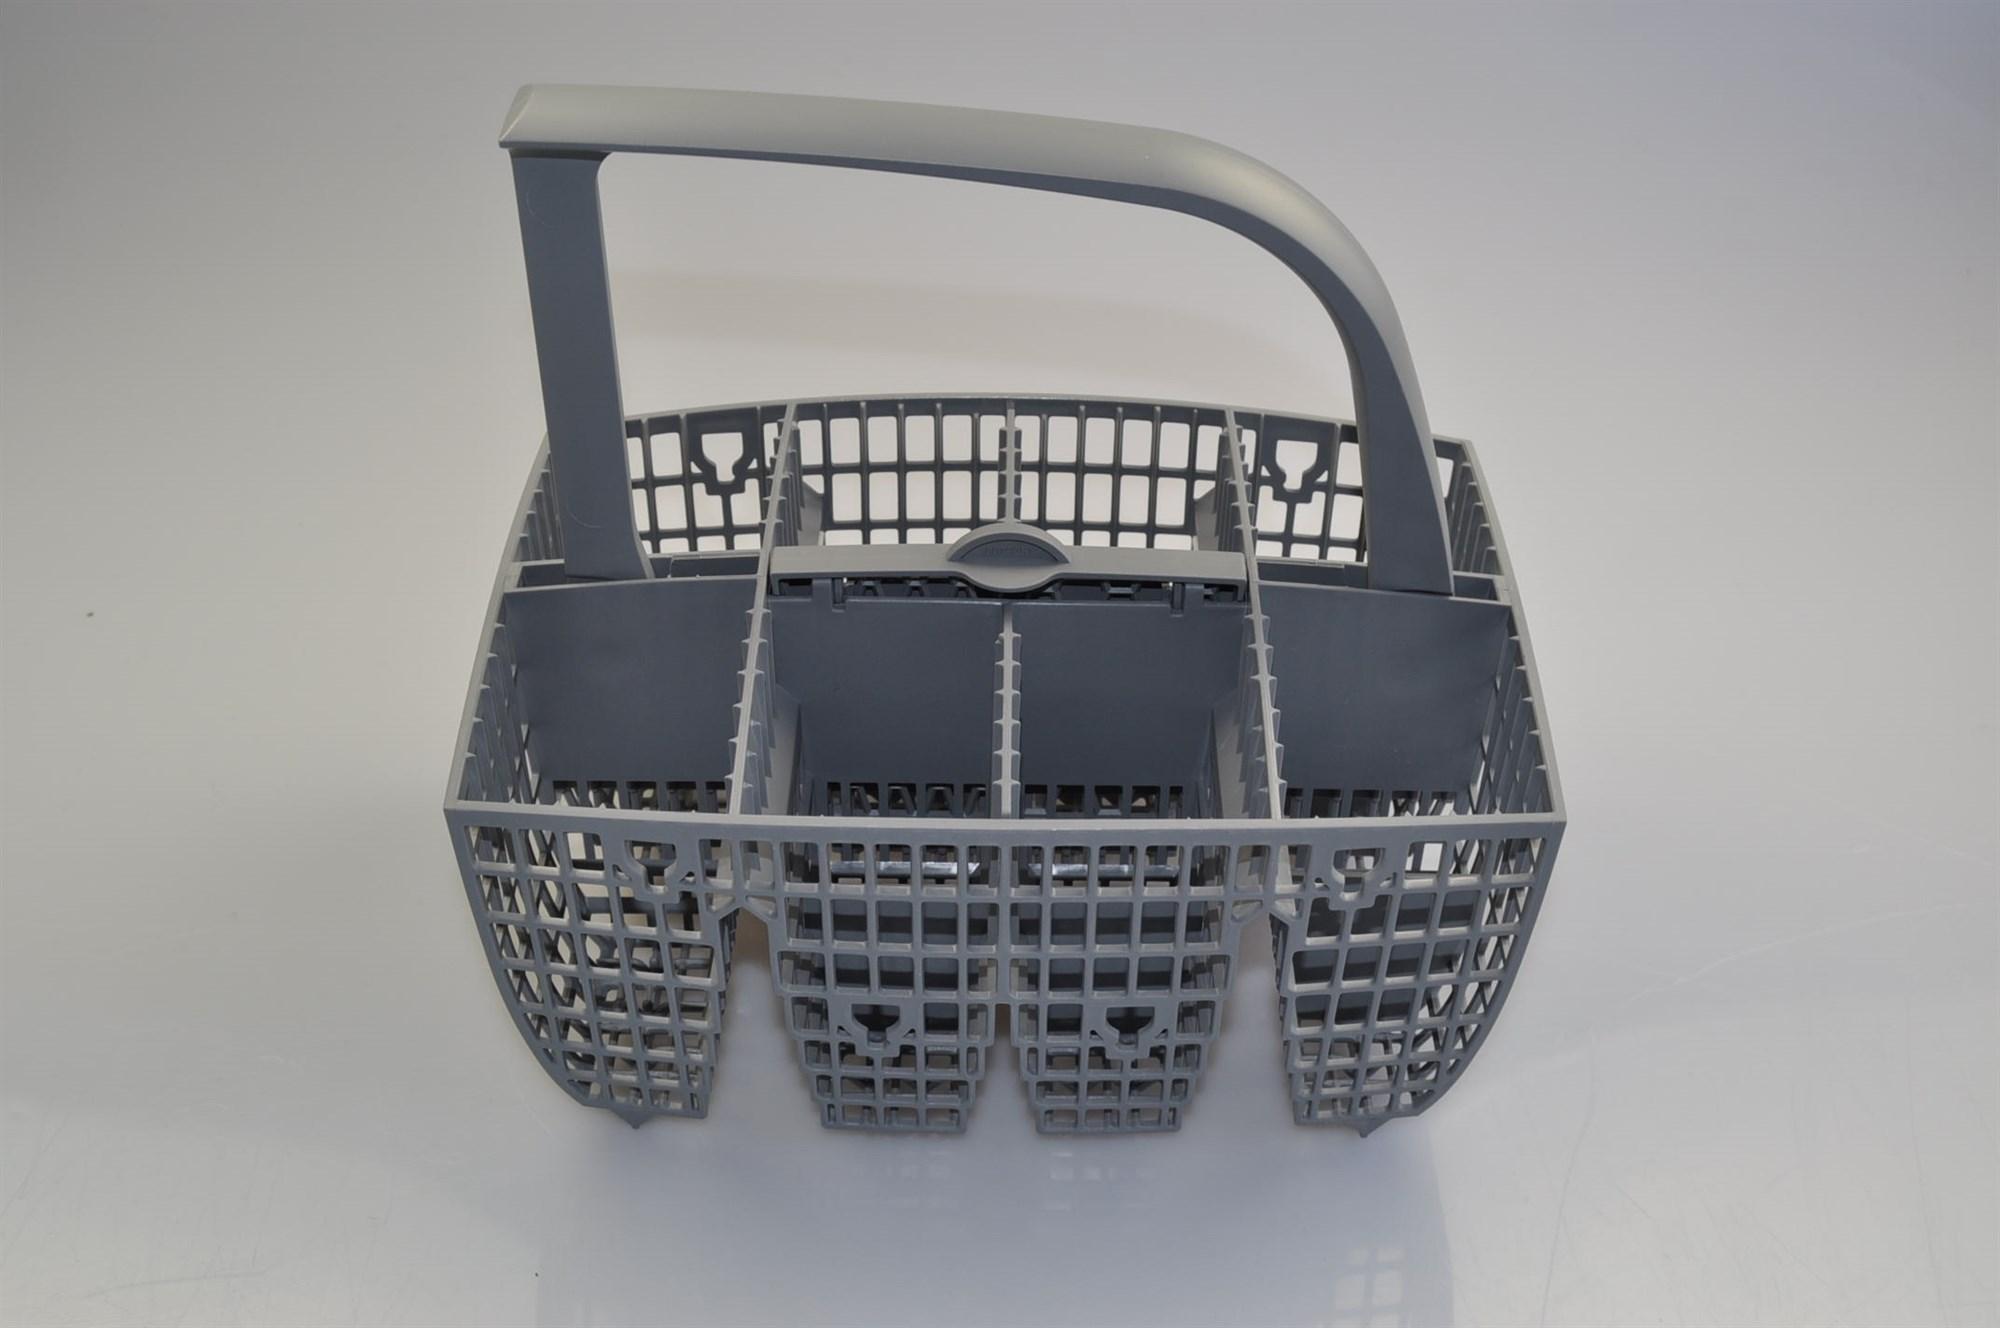 Cutlery Basket Asko Dishwasher 103 Mm X 145 Mm